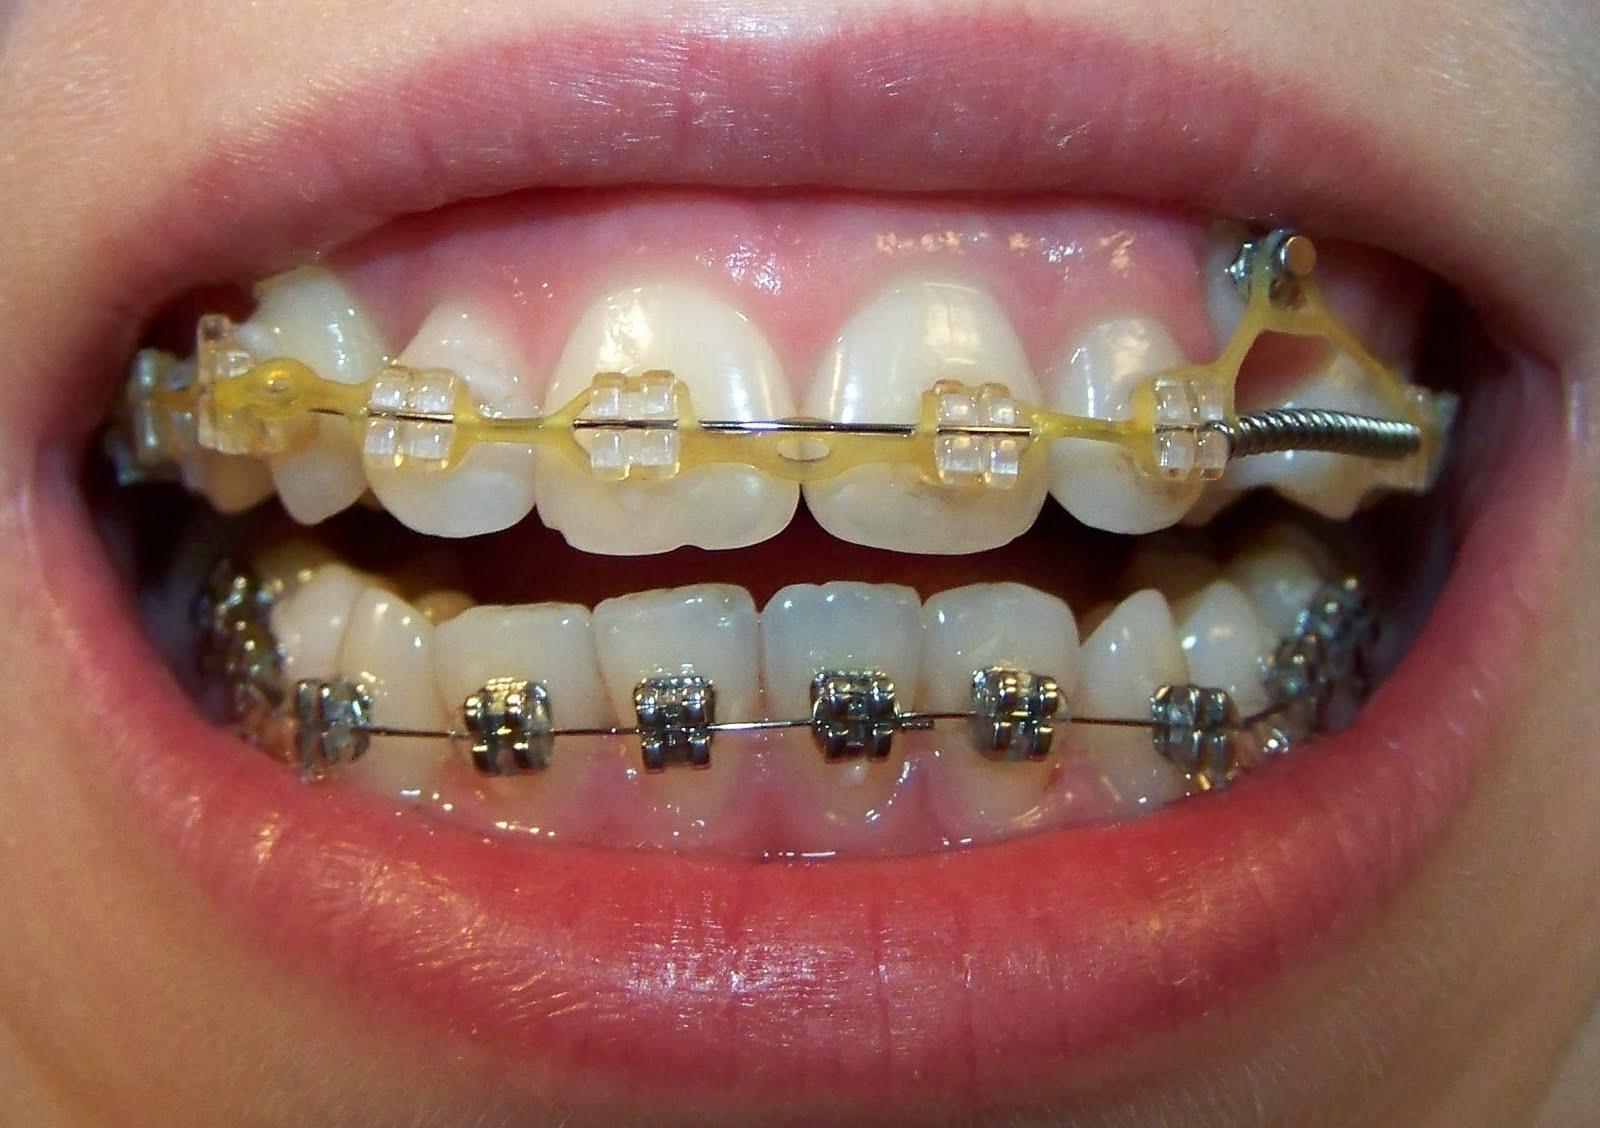 лечение зубов при ношении брекетов Элайнеры для выравнивания зубов в Твери. Исправление.